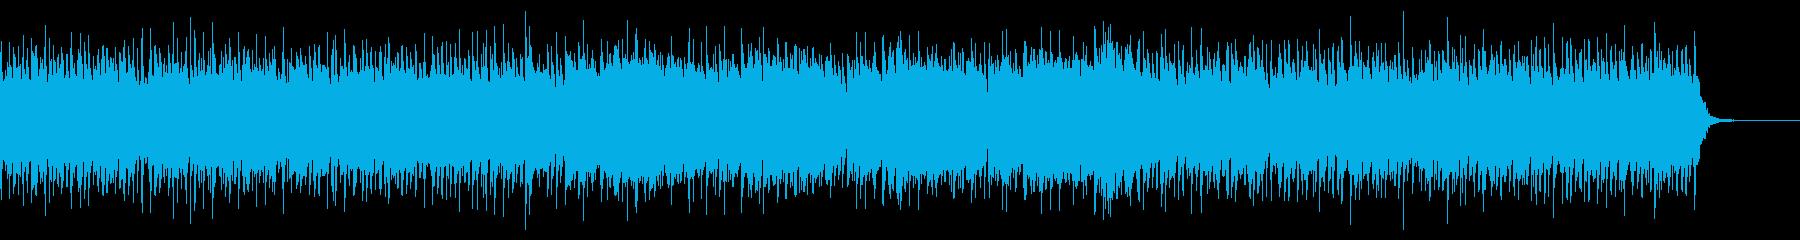 爽やかな和風曲の再生済みの波形